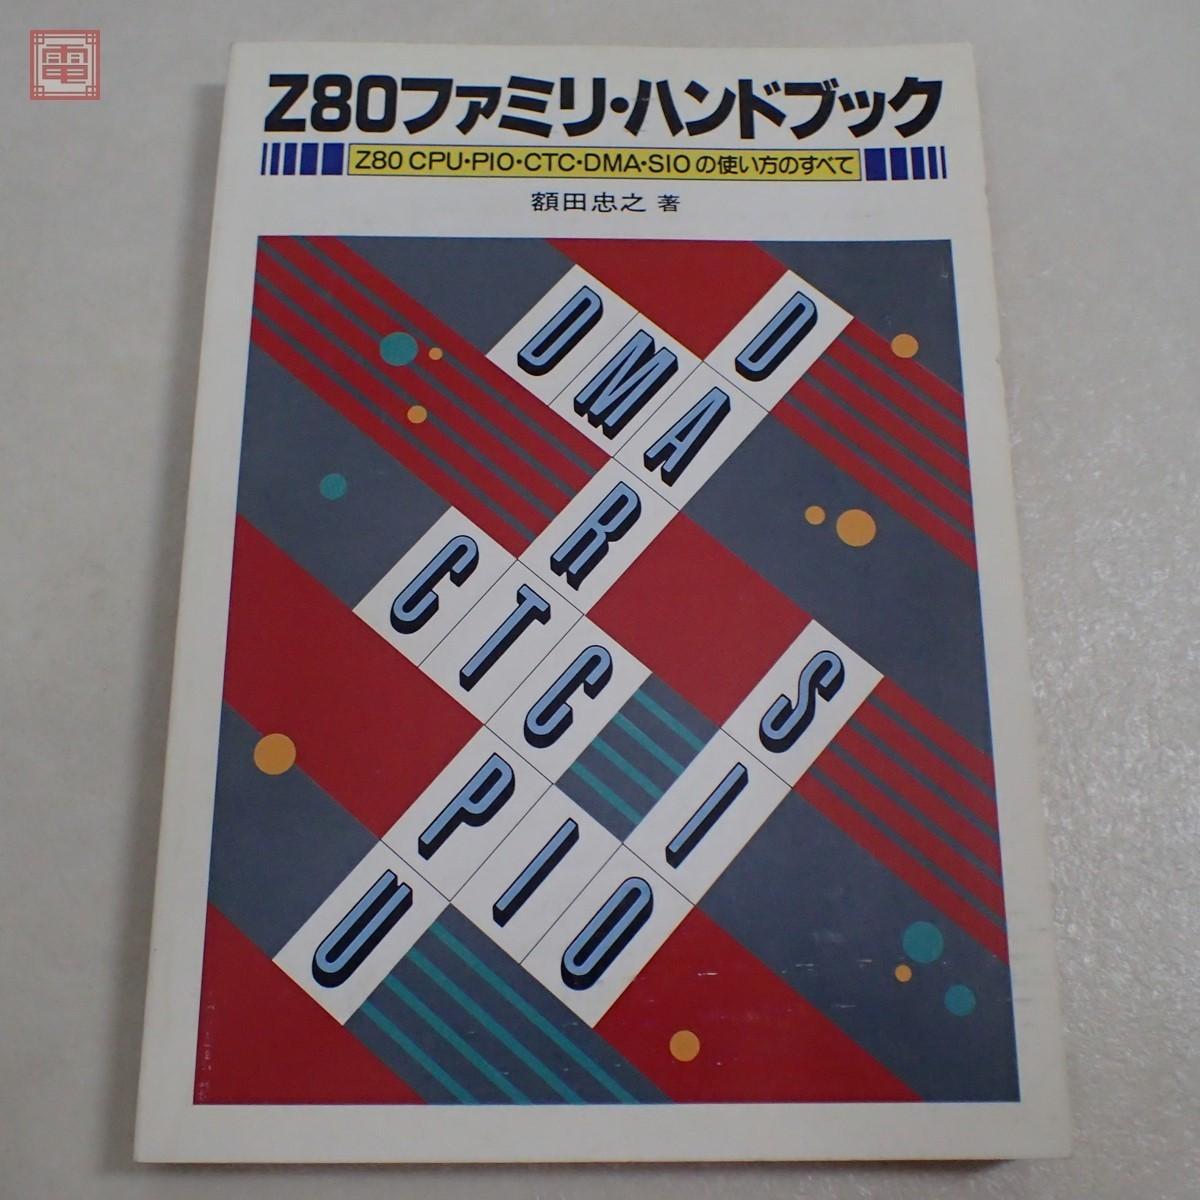 書籍 Z80ファミリ・ハンドブック Z80 CPU・PIO・CTC・DMA・SIOの使い方のすべて 額田忠之 CQ出版社【20